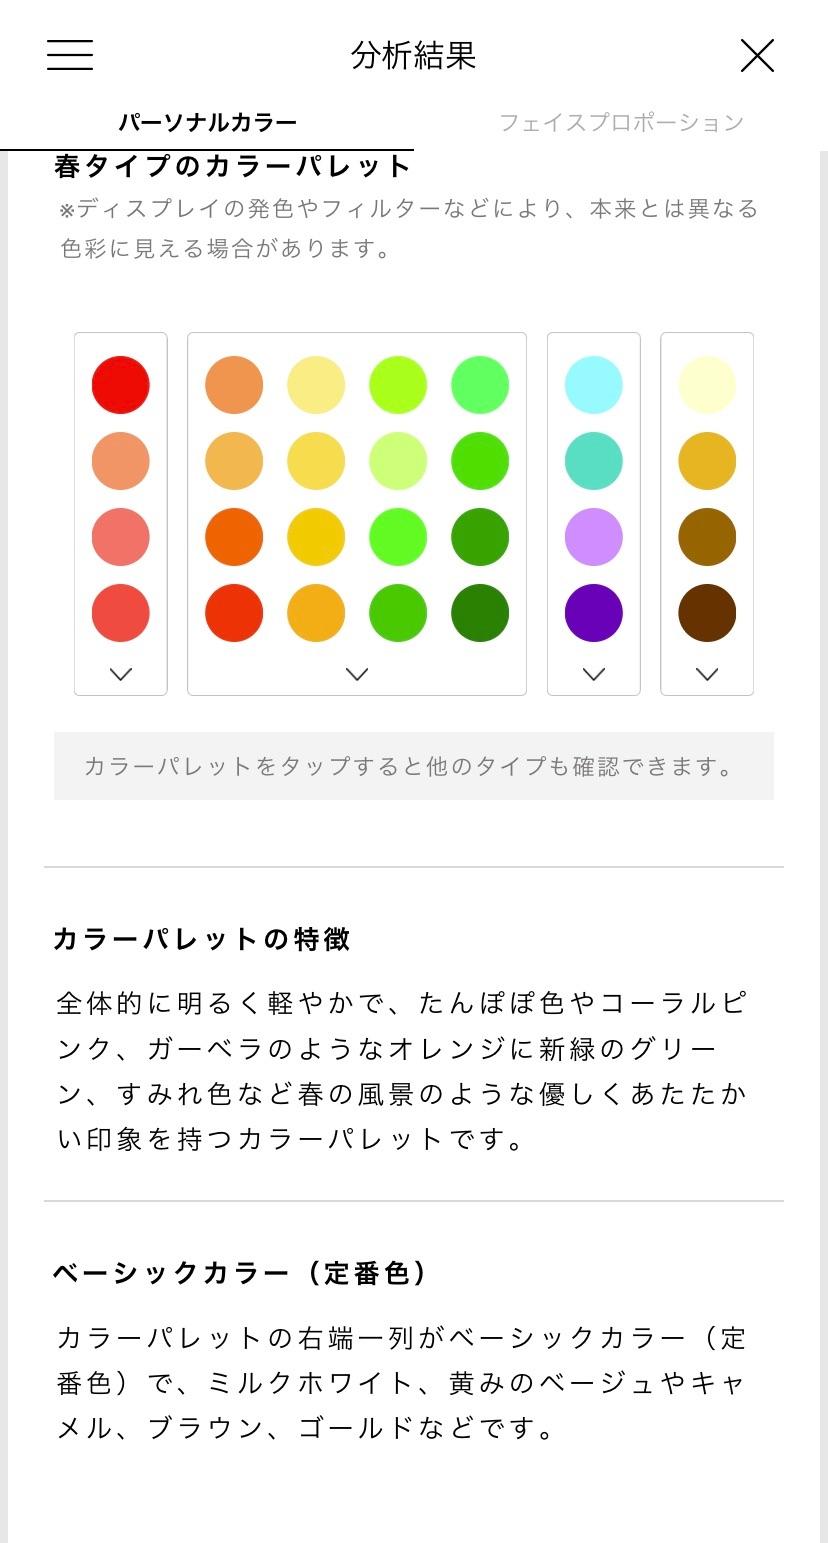 f:id:yusansan1209:20200627234314j:plain